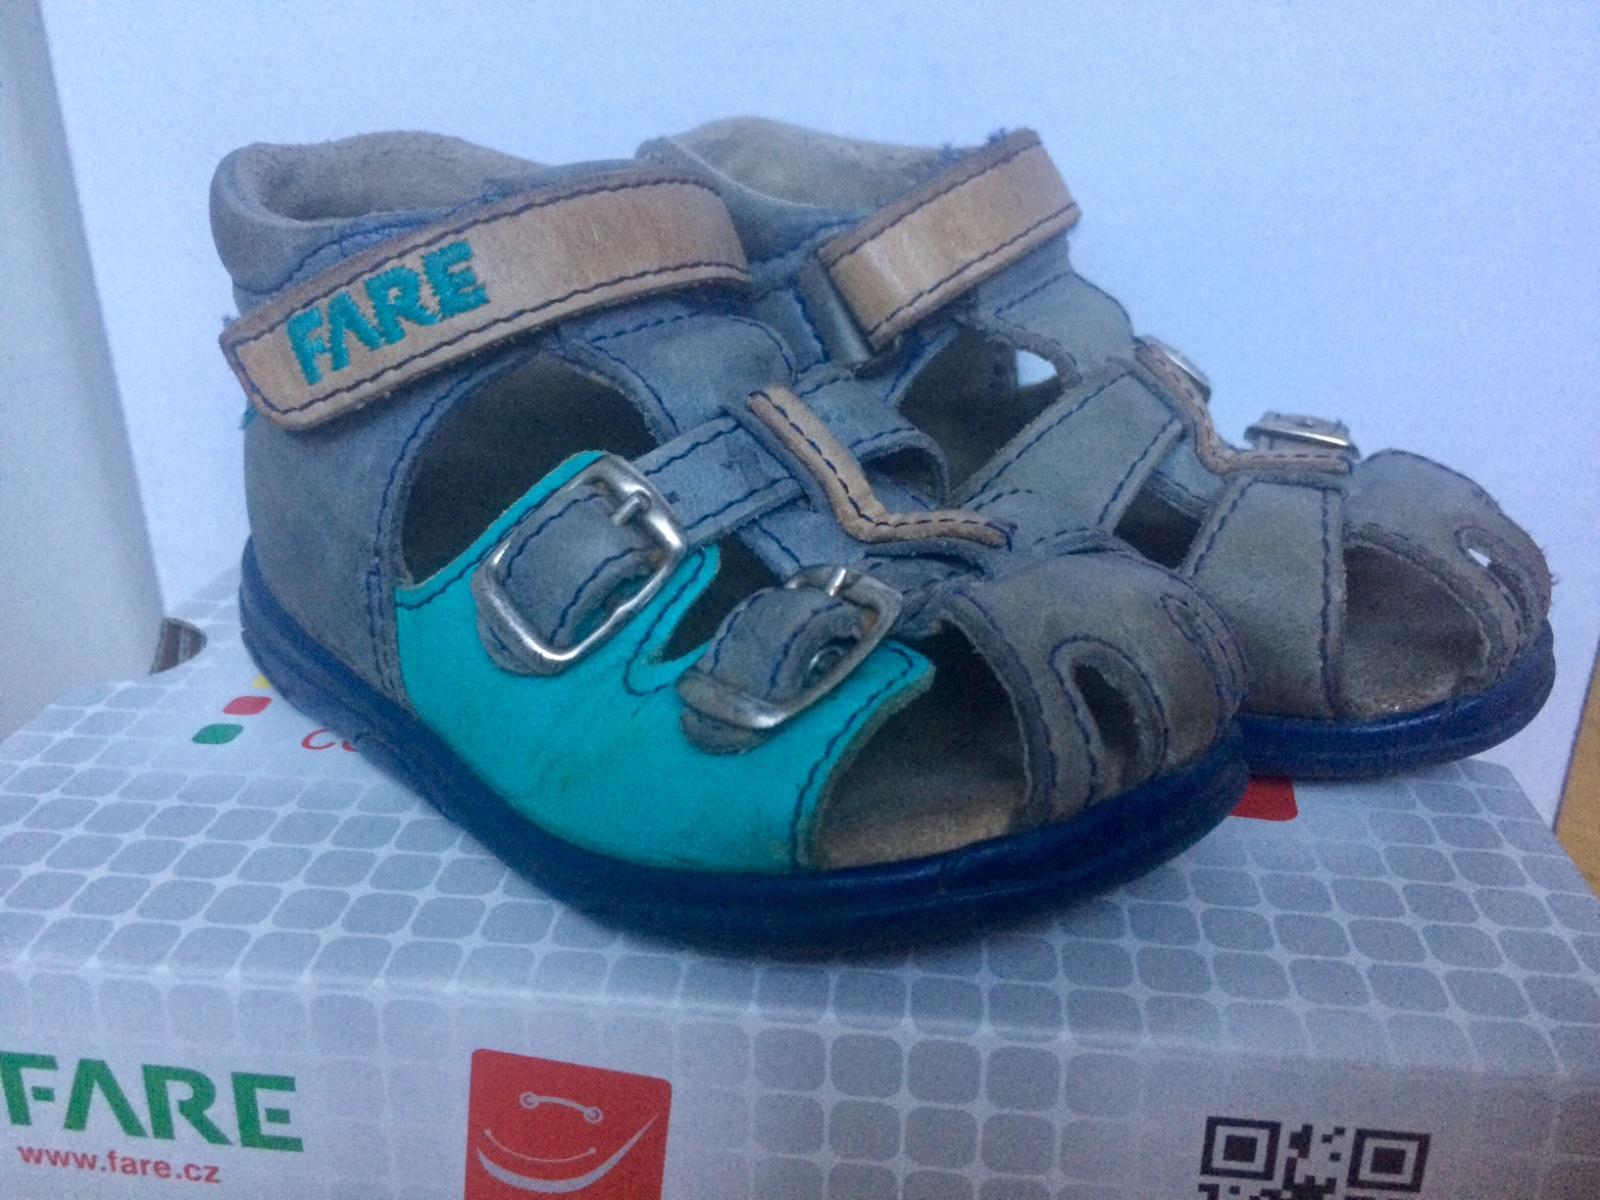 ed7a0bcbe7b 9 inzerátů • 2 hodnocení. Dětské sandálky fare ...